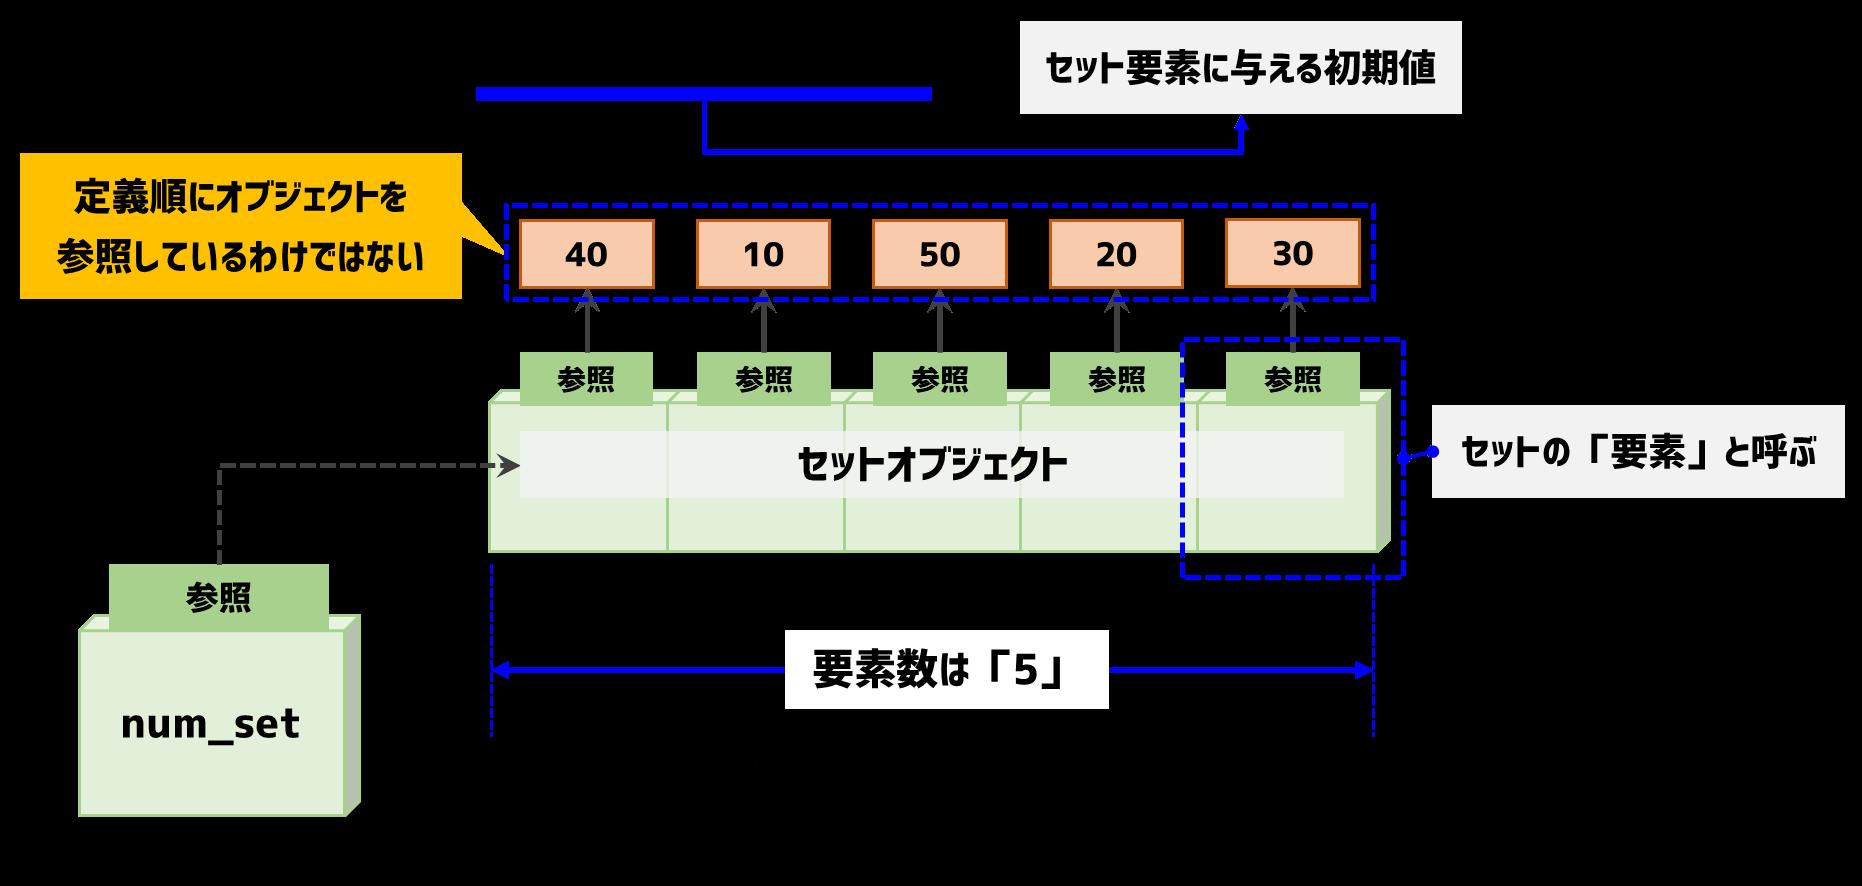 セットオブジェクトの構成